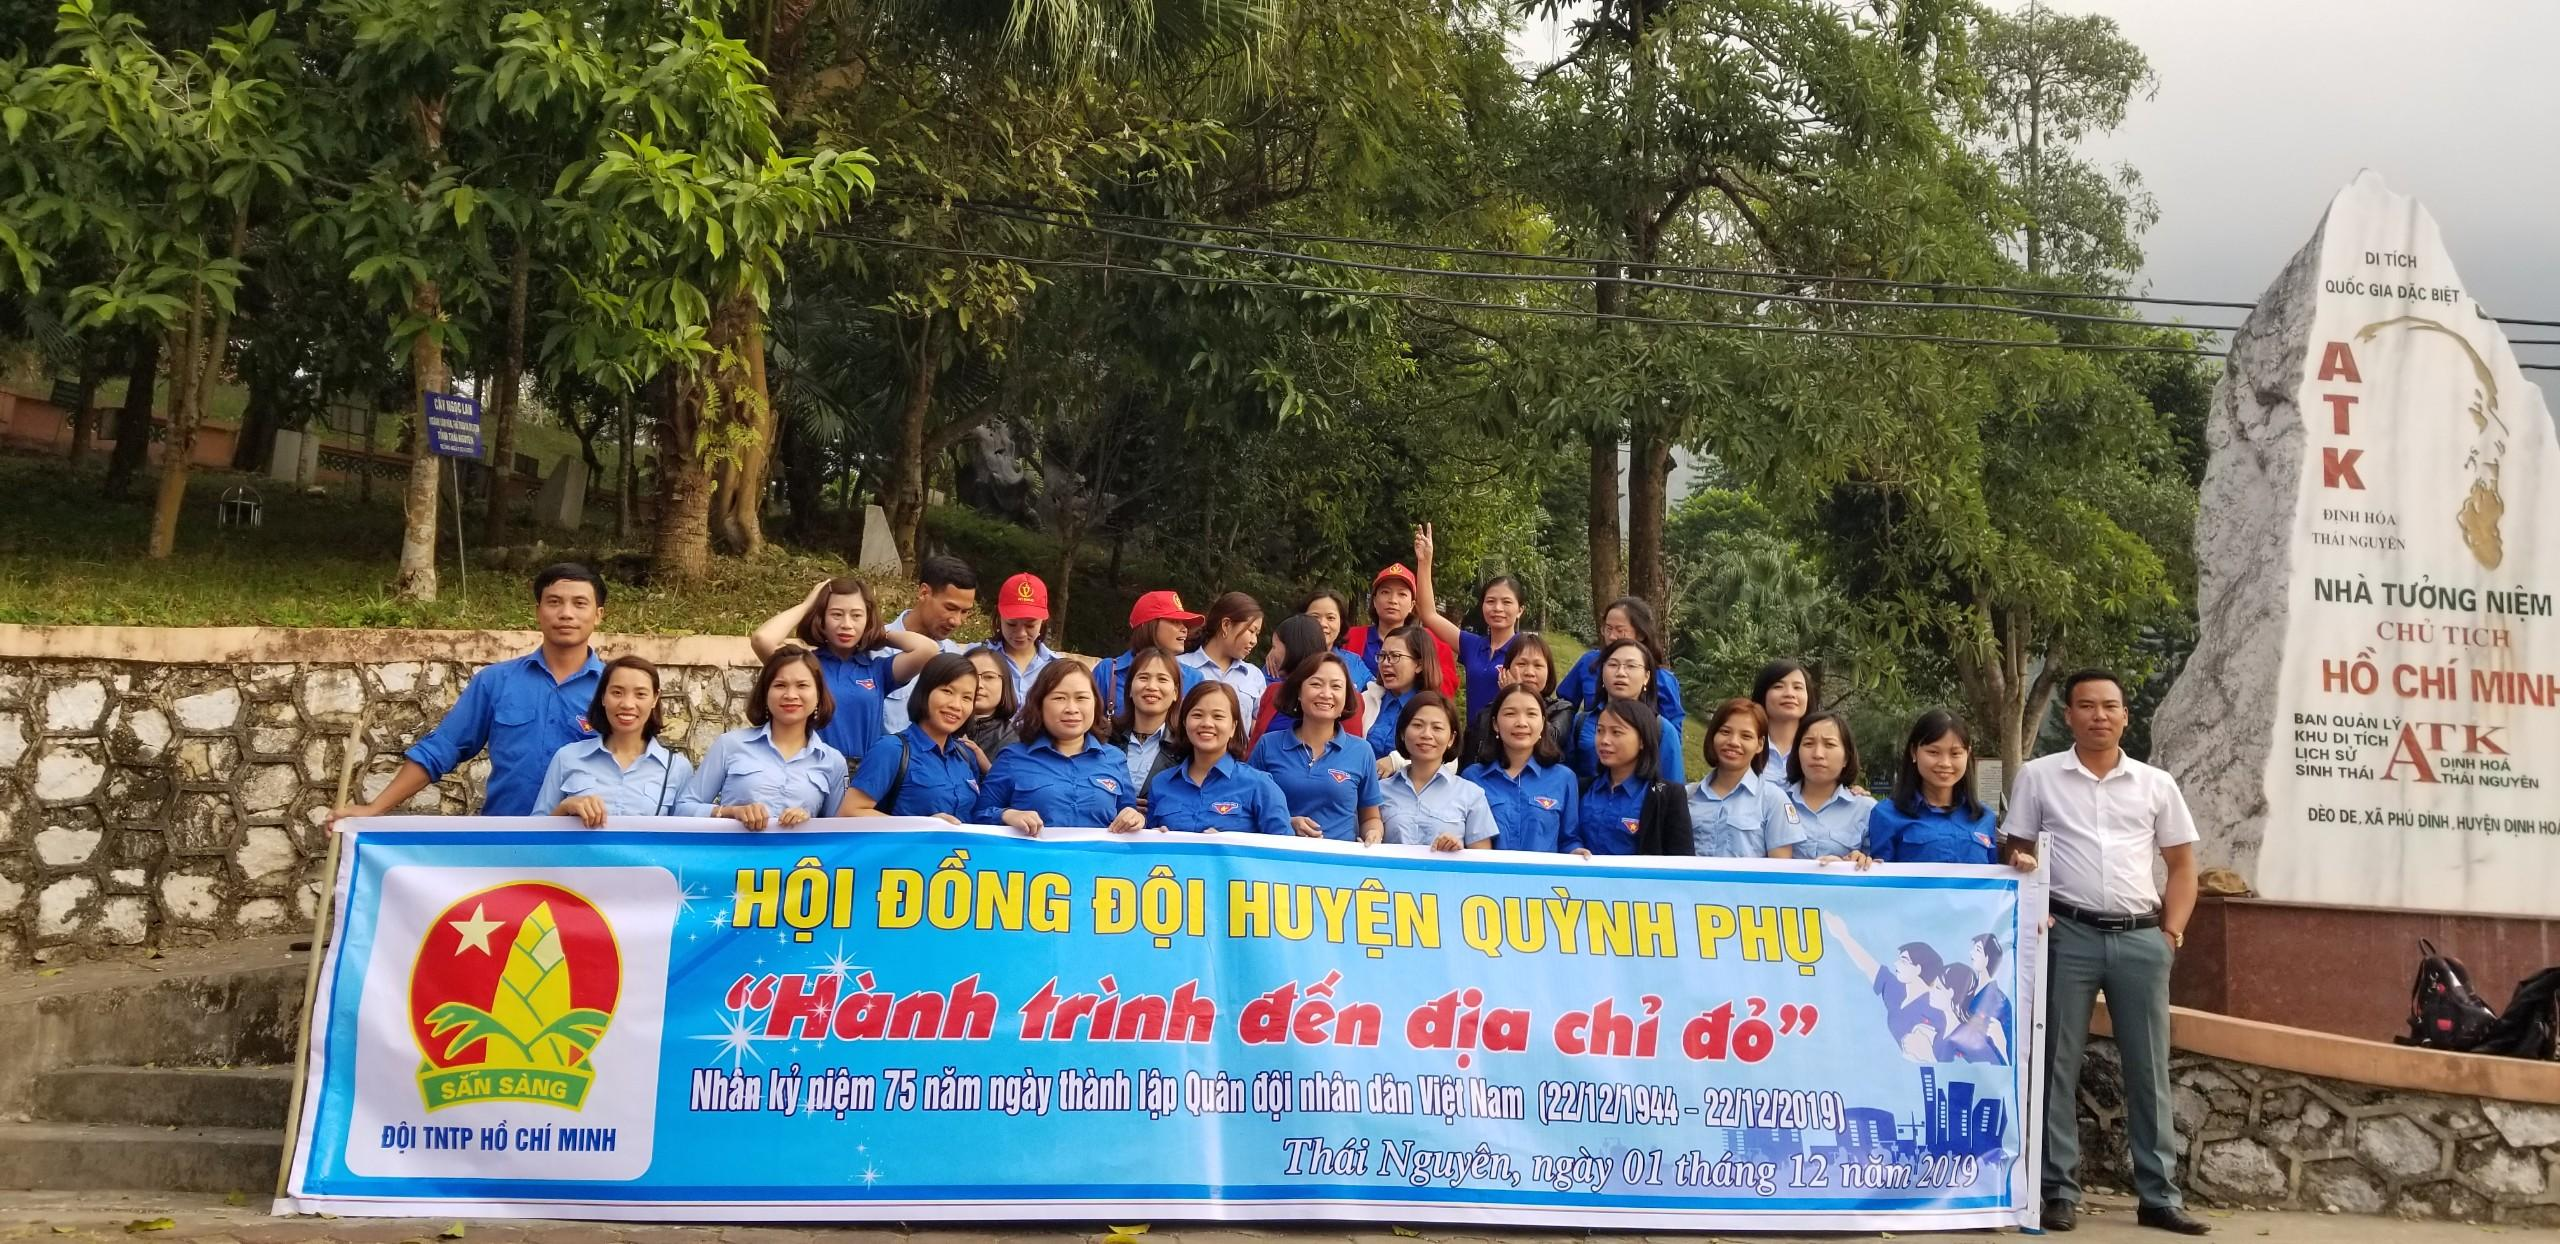 Quỳnh Phụ: Hành trình về địa chỉ đỏ nhân kỷ niệm 30 năm Ngày hội QPTD và 75 năm ngày thành lập QĐND Việt Nam